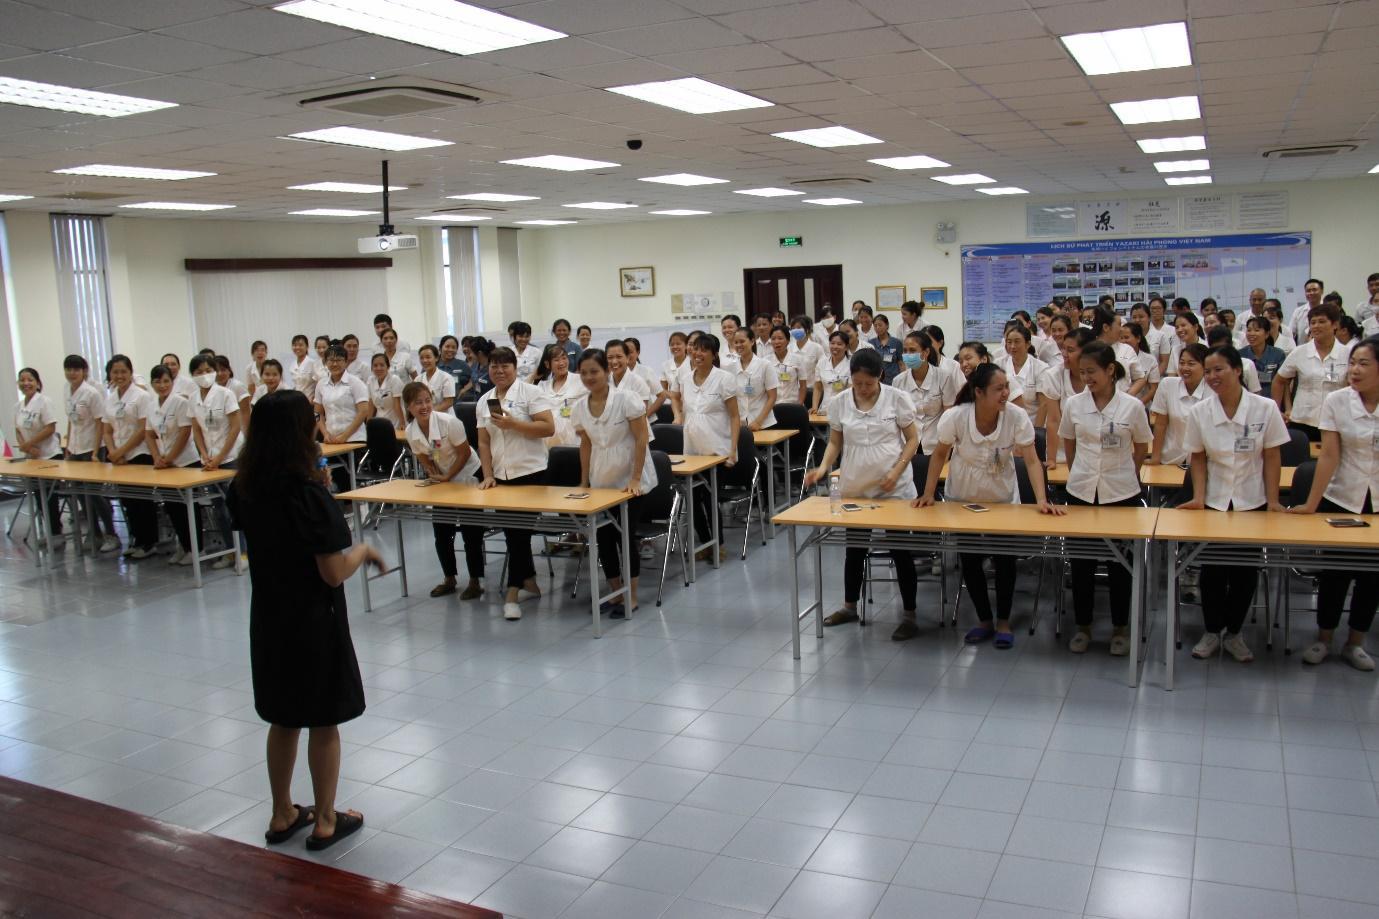 """Dự kiến có ít nhất 3.000 người lao động được trang bị thêm kiến thức về chăm sóc sức khỏe trong giai đoạn 4, dự án """"Vì mẹ và bé – Vì tầm vóc Việt""""."""